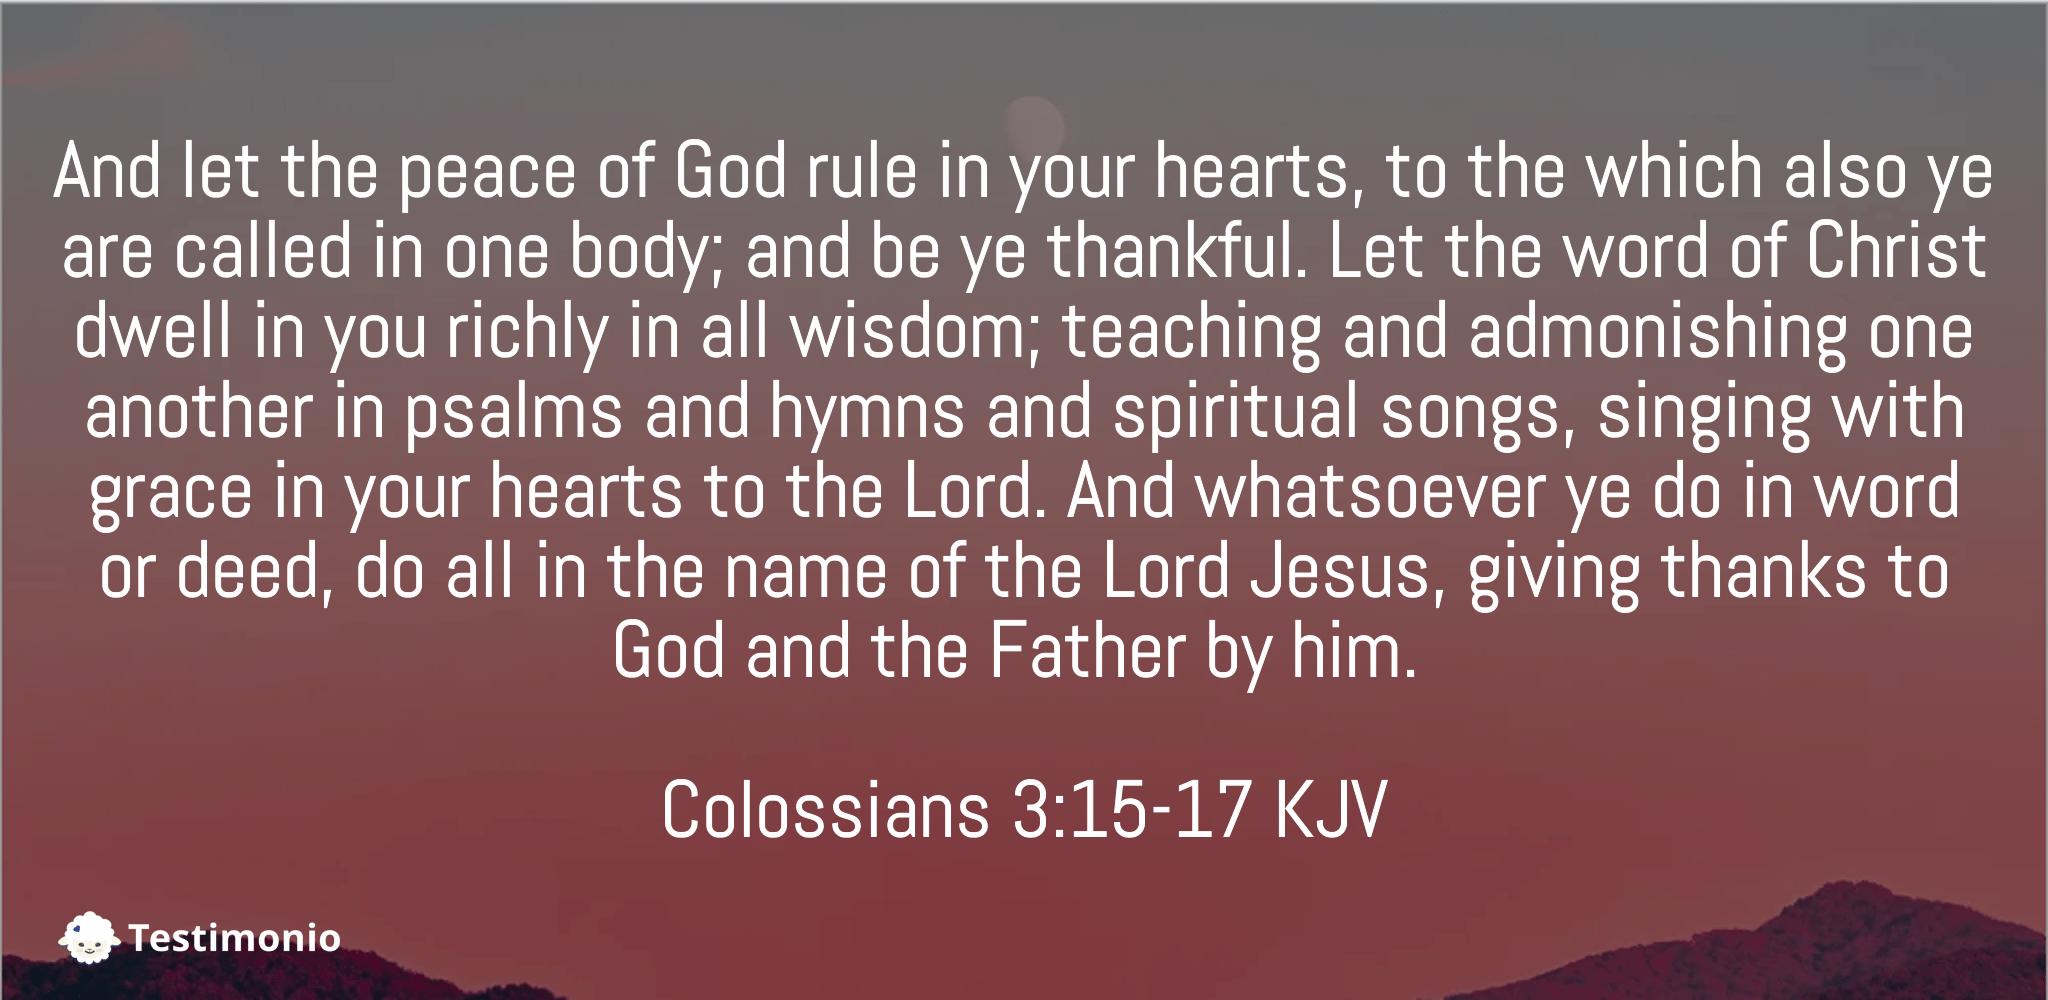 Colossians 3:15-17